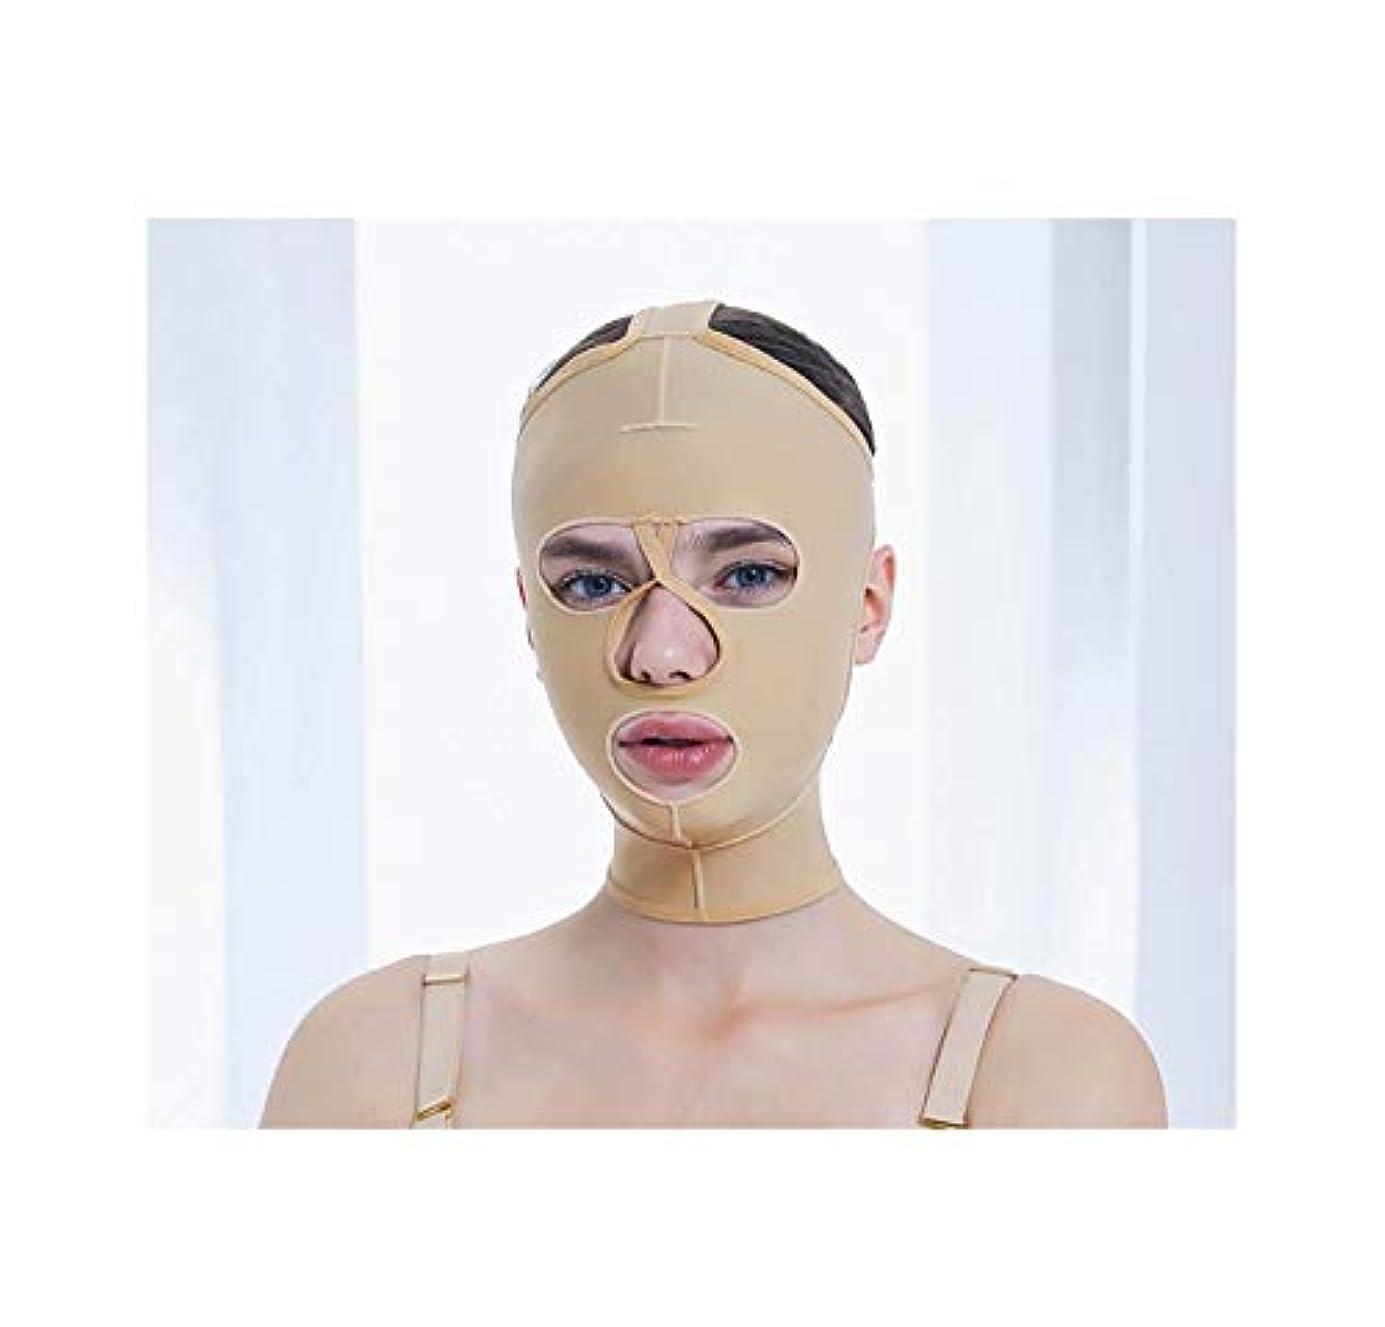 淡い凍結ハントフェイスアンドネックリフト、減量フェイスマスク脂肪吸引術脂肪吸引術シェーピングマスクフードフェイスリフティングアーティファクトVフェイスビームフェイス弾性スリーブ(サイズ:Xl)